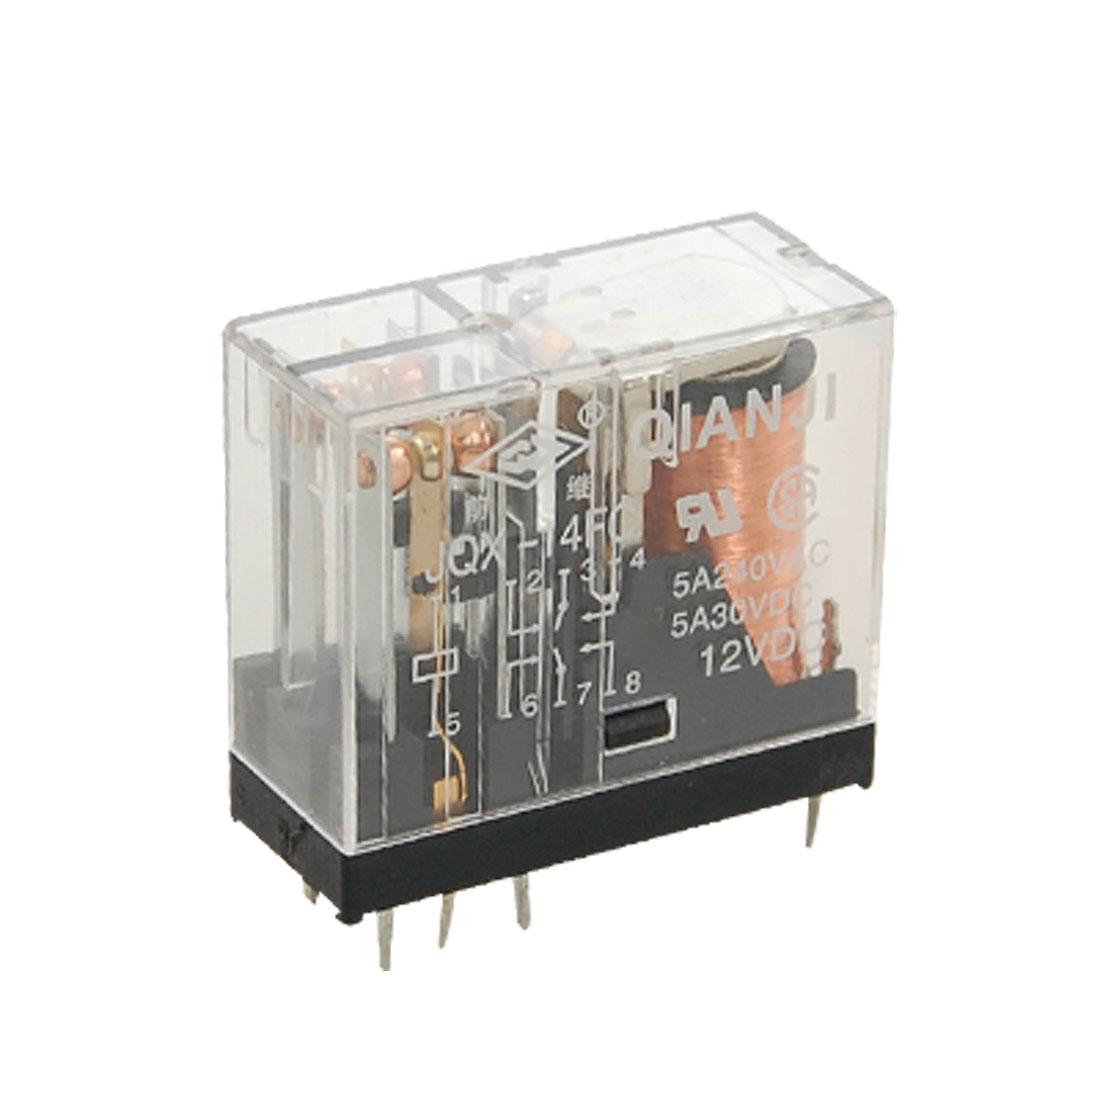 JQX-14FC G2R-2 DPDT 8 Pin Power Relay 12V DC Coil 5A 240V AC 30V DC Kohqj